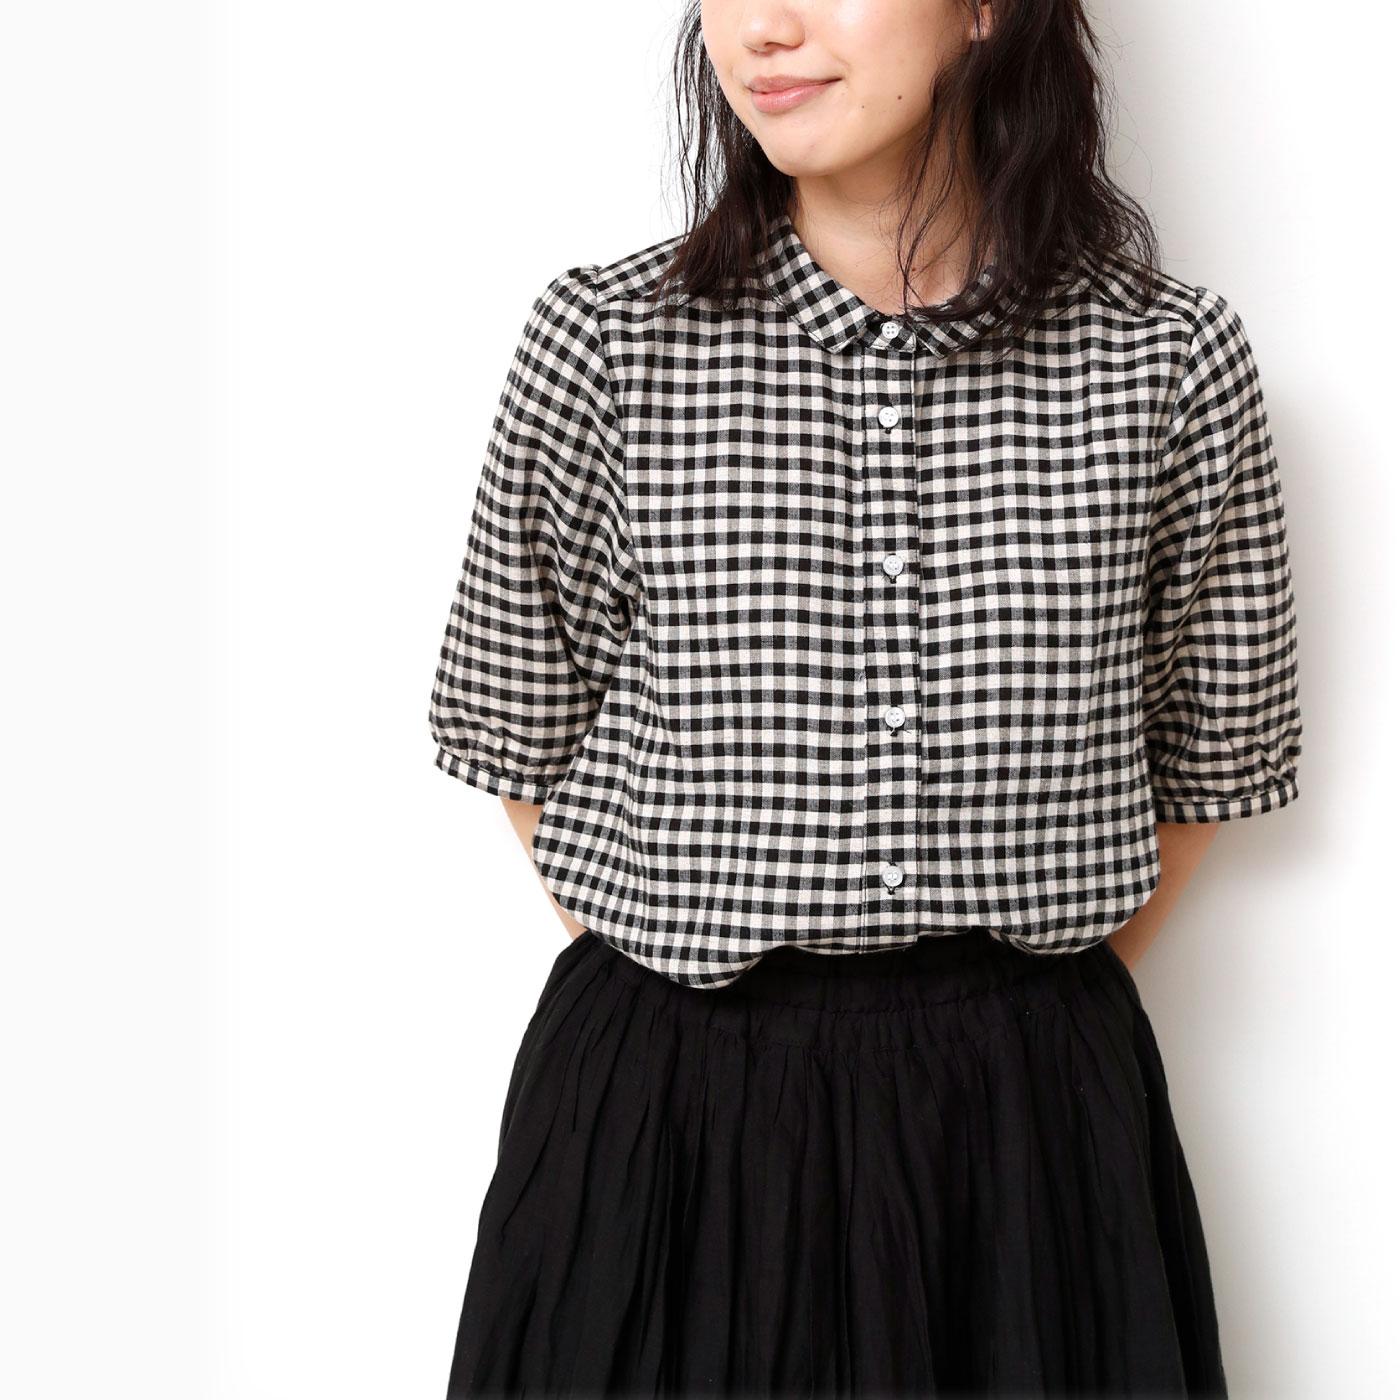 オーバークローズ 控えめ衿がかわいい 上品パフ袖のフレンチ気分なリネン混ブラウス